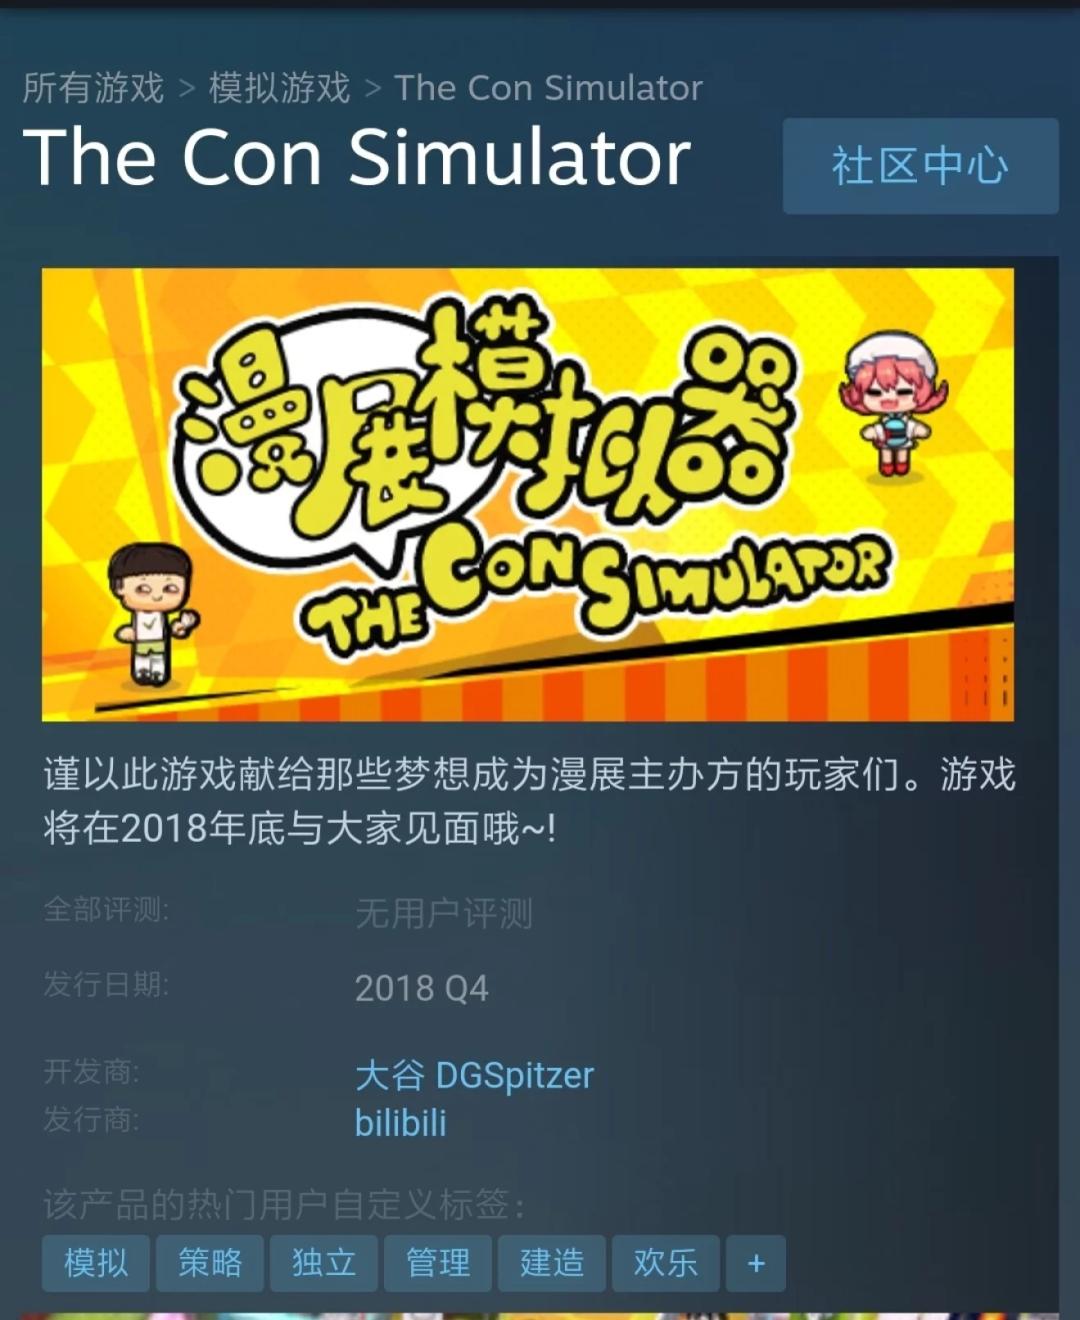 登陆Steam发售新游戏B站的去游戏化≠去游戏